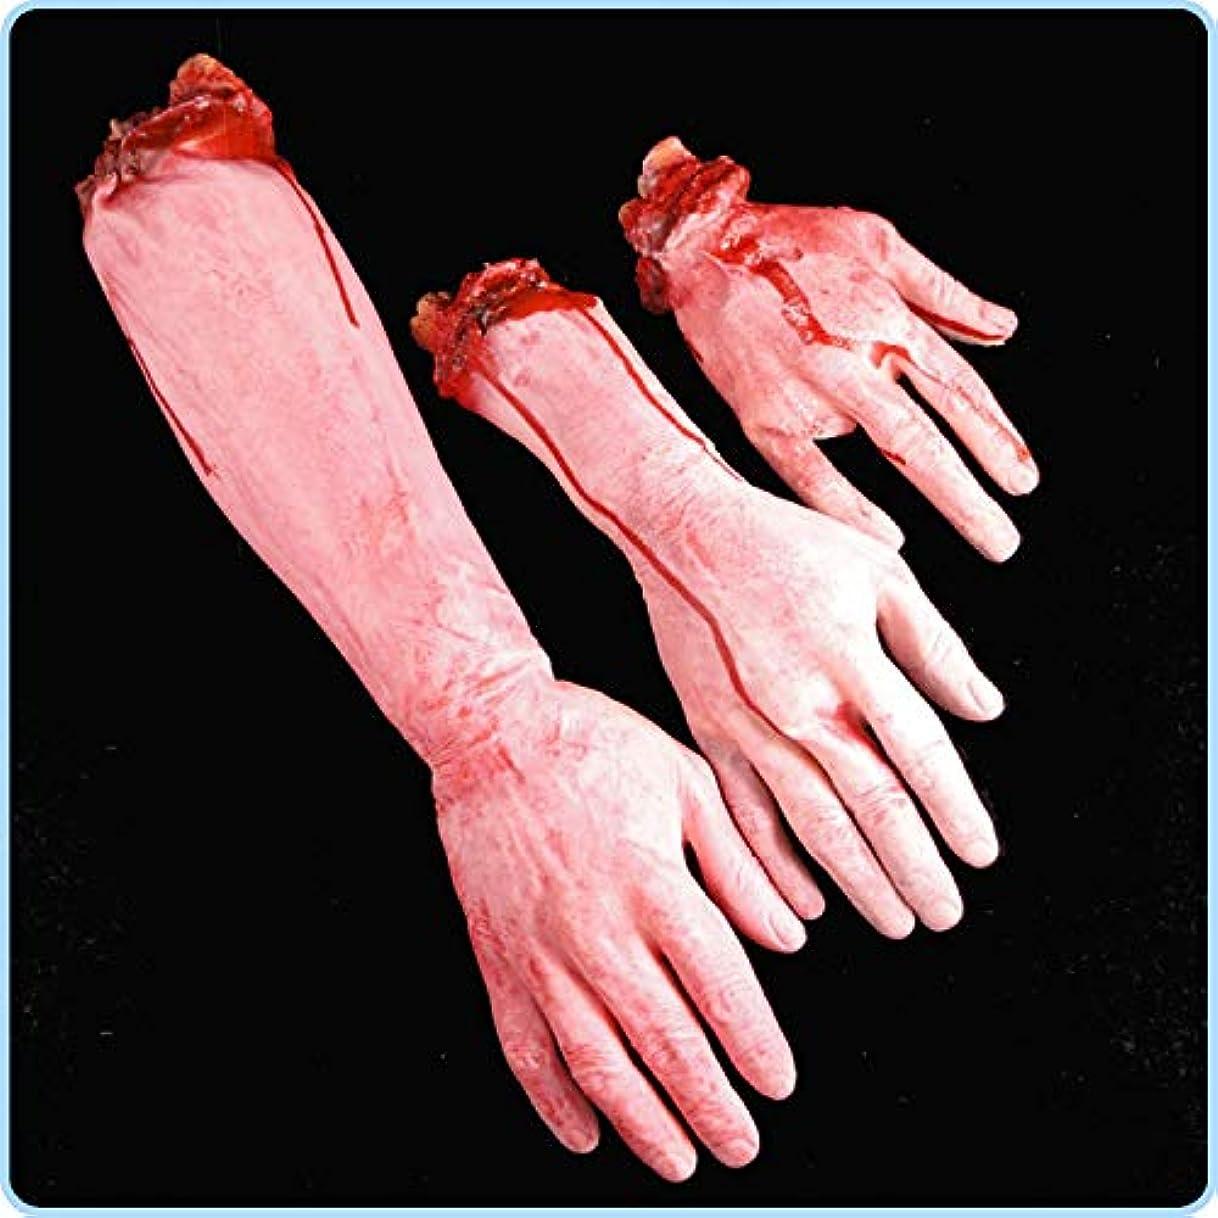 デコラティブクルー山ETRRUU HOME ハロウィン小道具バーKTV装飾用品リアルなホラー偽の血のホラー大きな壊れた手壊れた足 (Size : S)